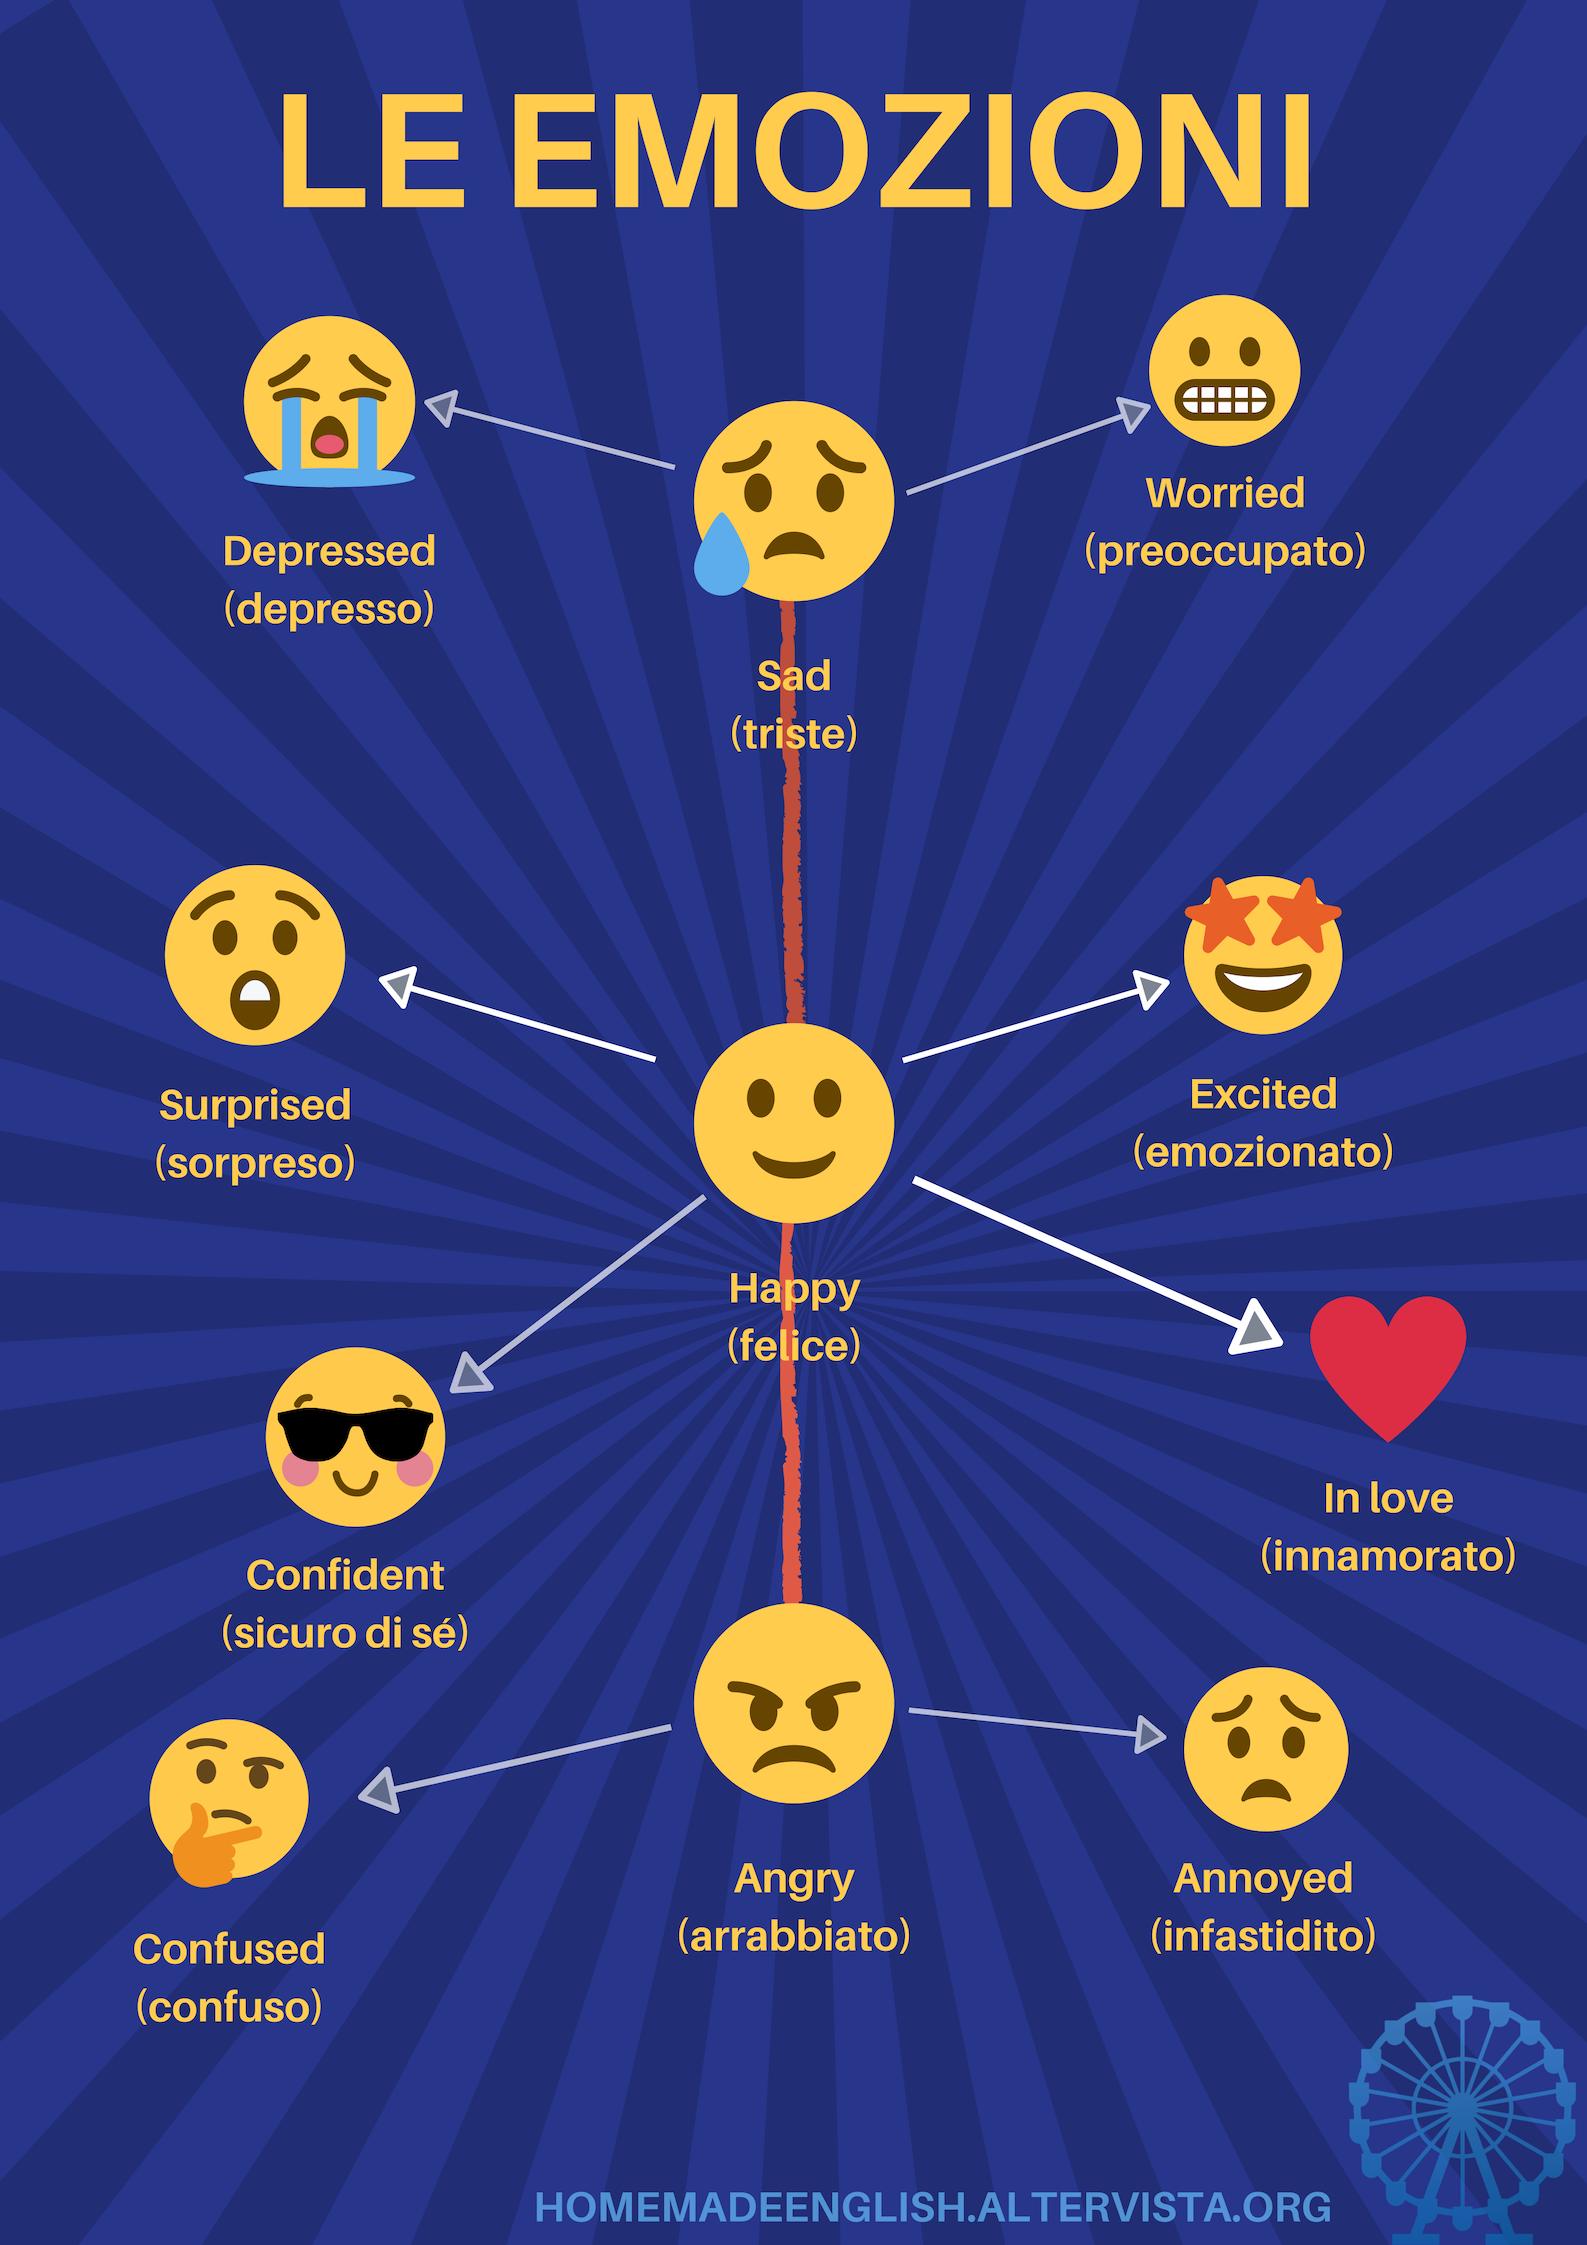 Emozioni in inglese